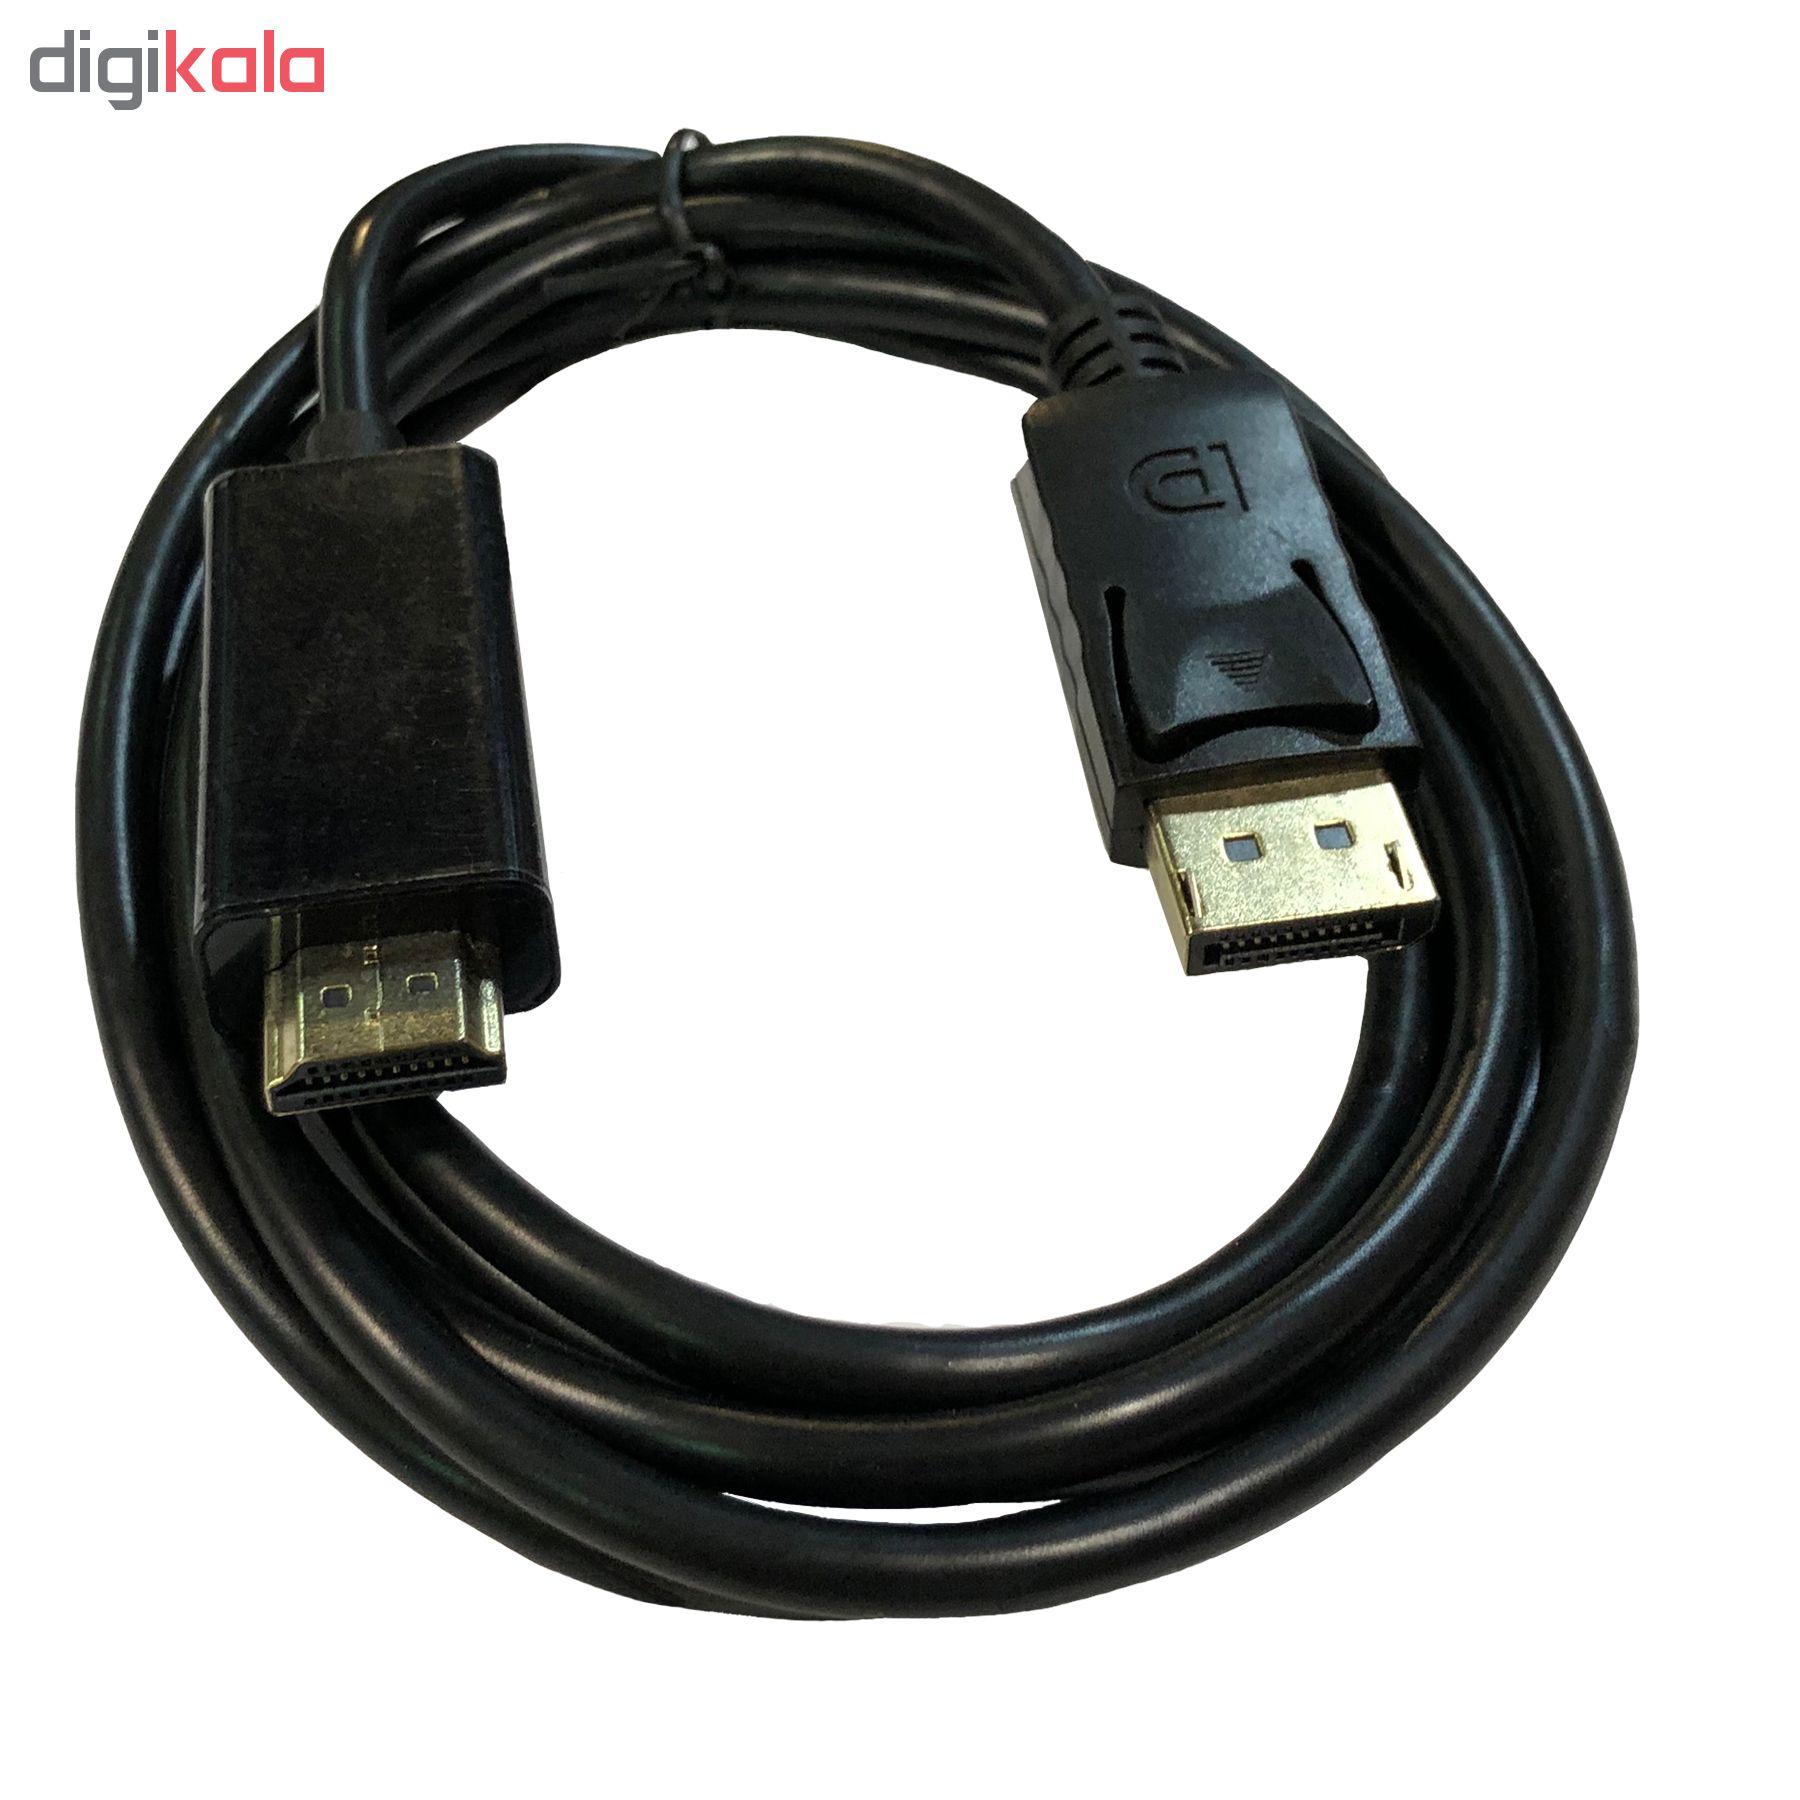 کابل DISPLAY PORT به HDMI  مدل A110  طول 1.8 متر